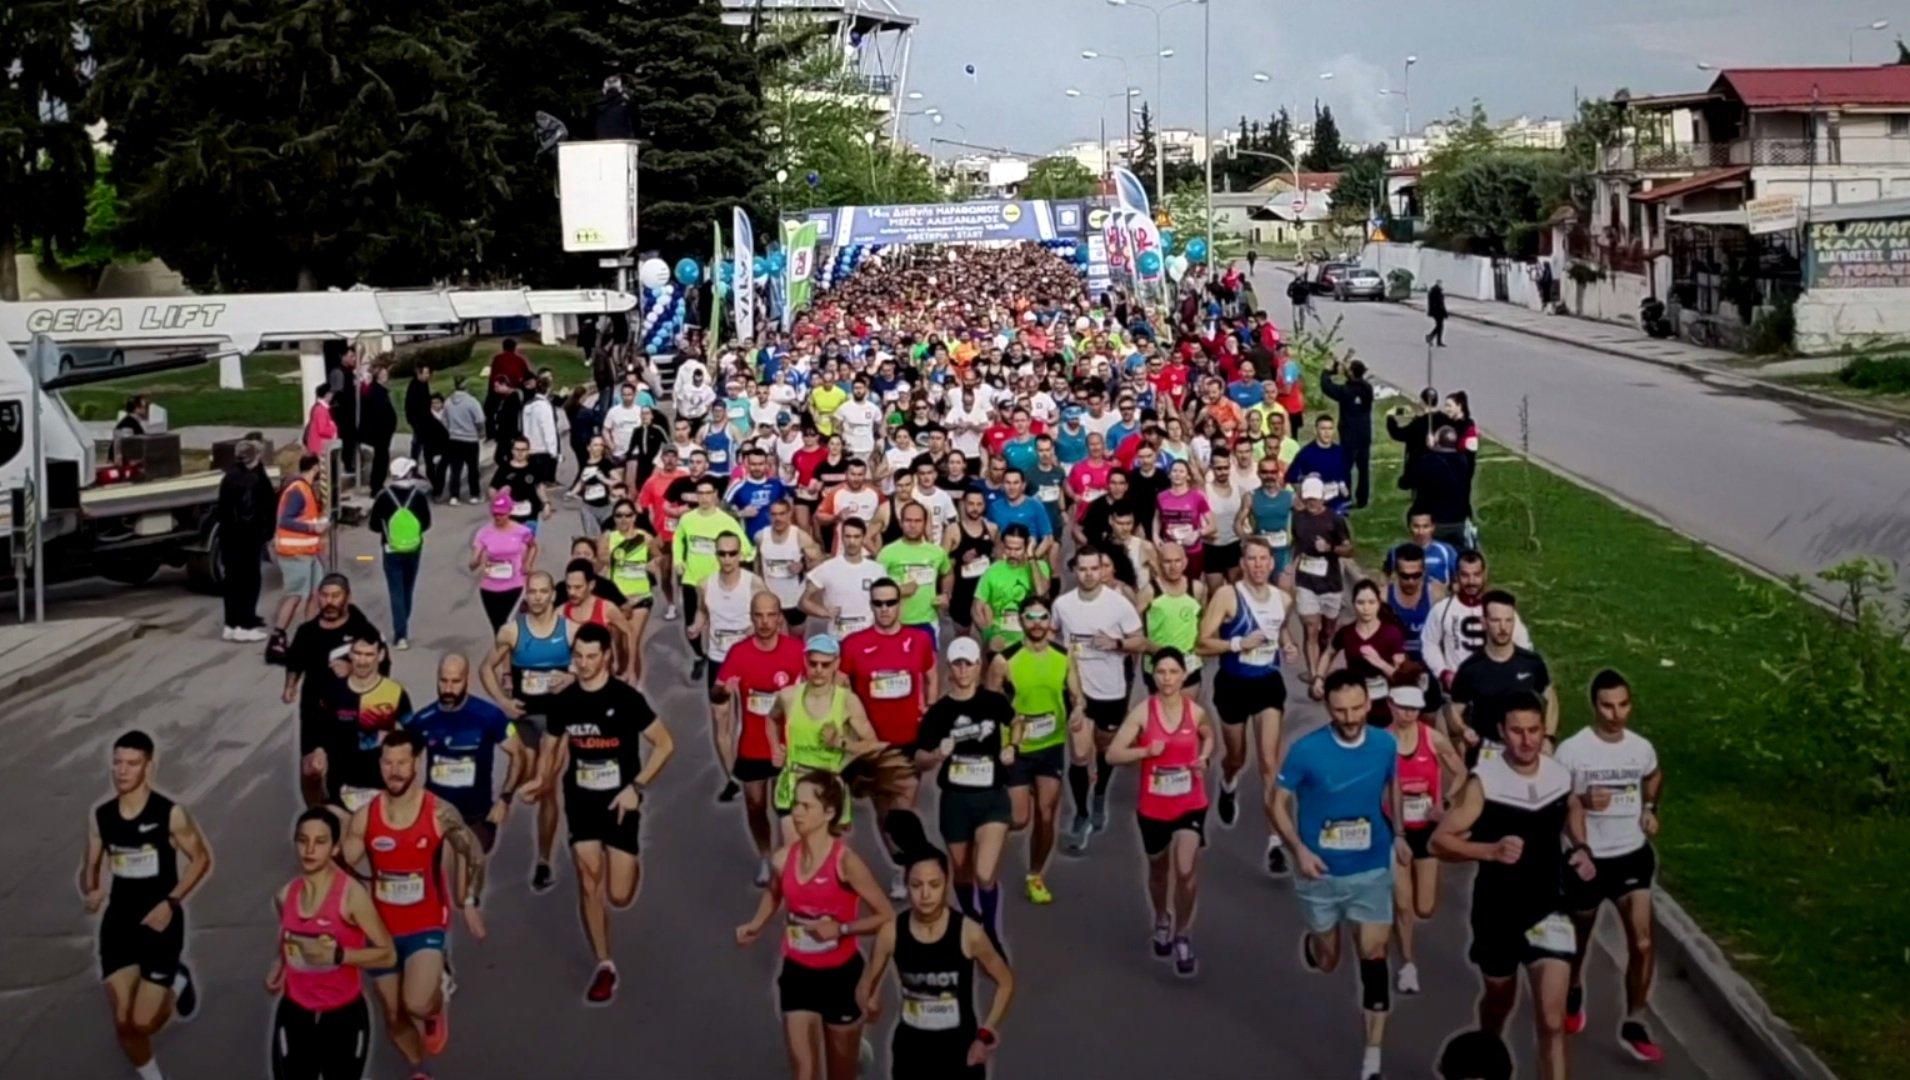 Έρχεται η μεγαλύτερη αθλητική γιορτή της Βόρειας Ελλάδας! Προετοιμάσου για τον 15ο Διεθνή Μαραθώνιο ΜΕΓΑΣ ΑΛΕΞΑΝΔΡΟΣ – bwin!